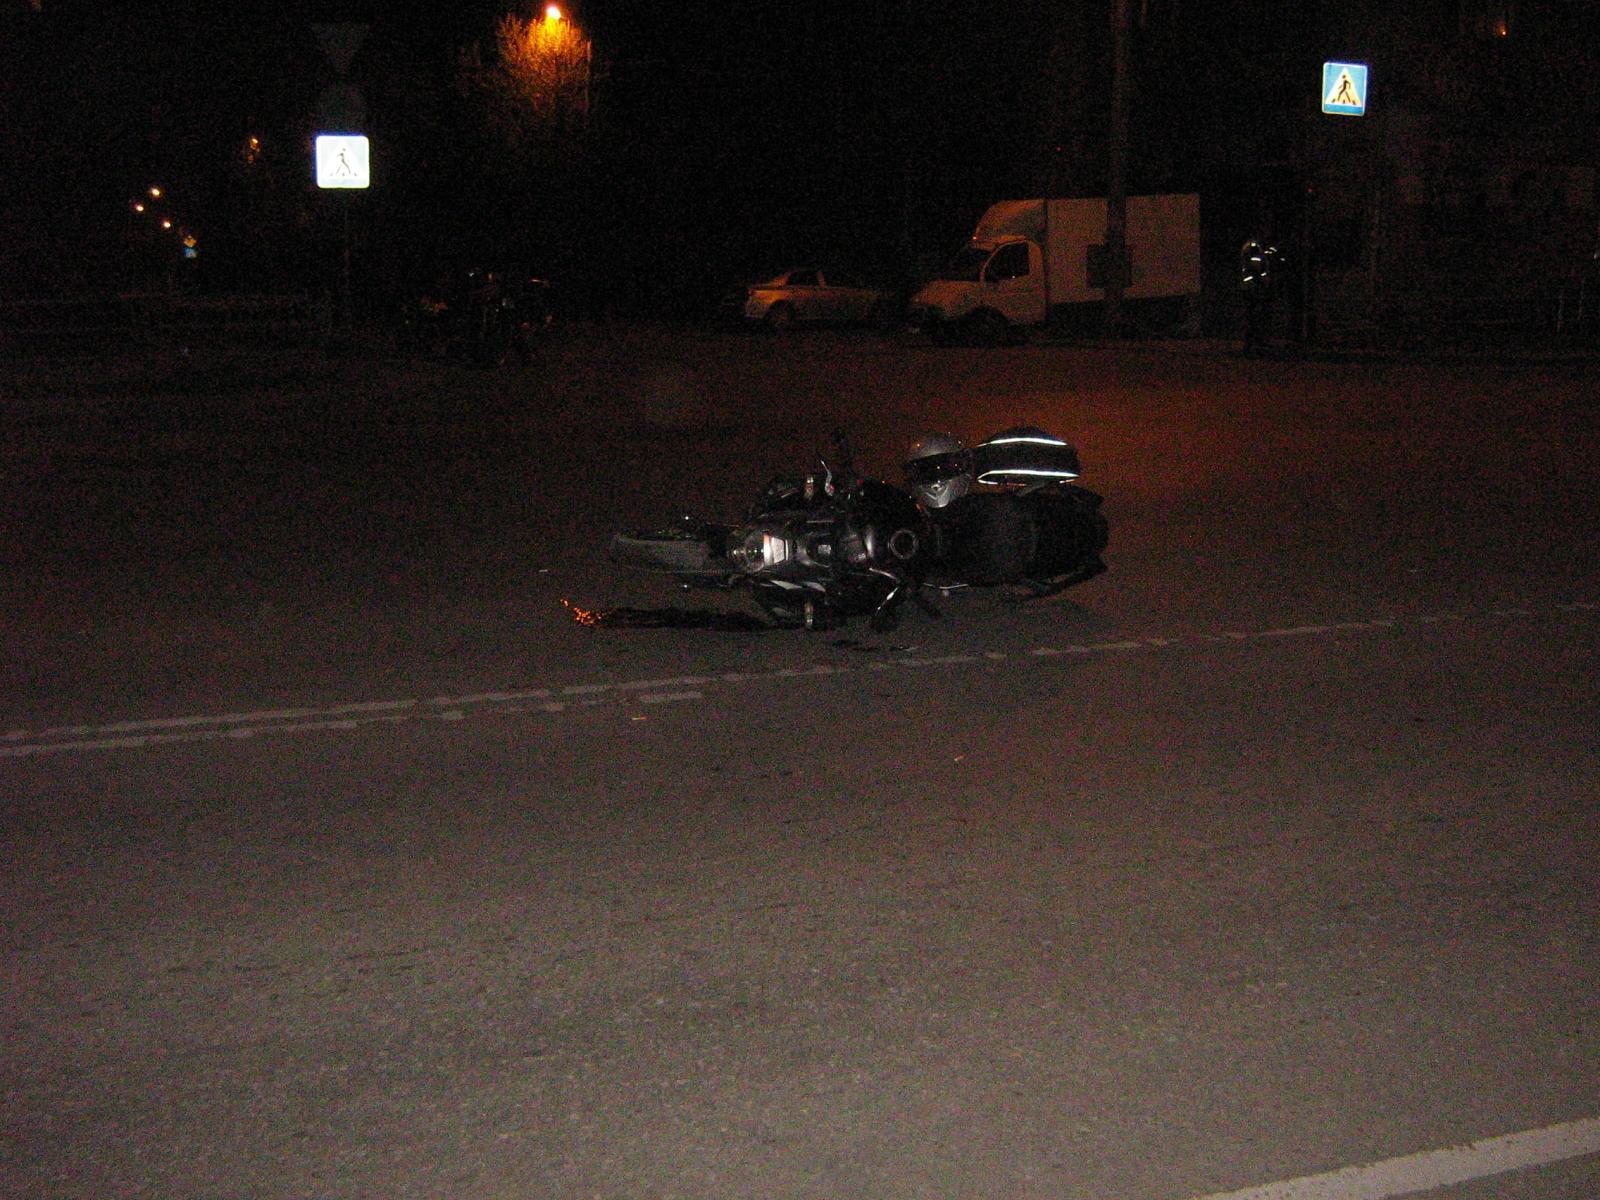 Авария произошла 5 мая в 22 часа 45 минут в Советском районе на улице Воровского возле дома 75.